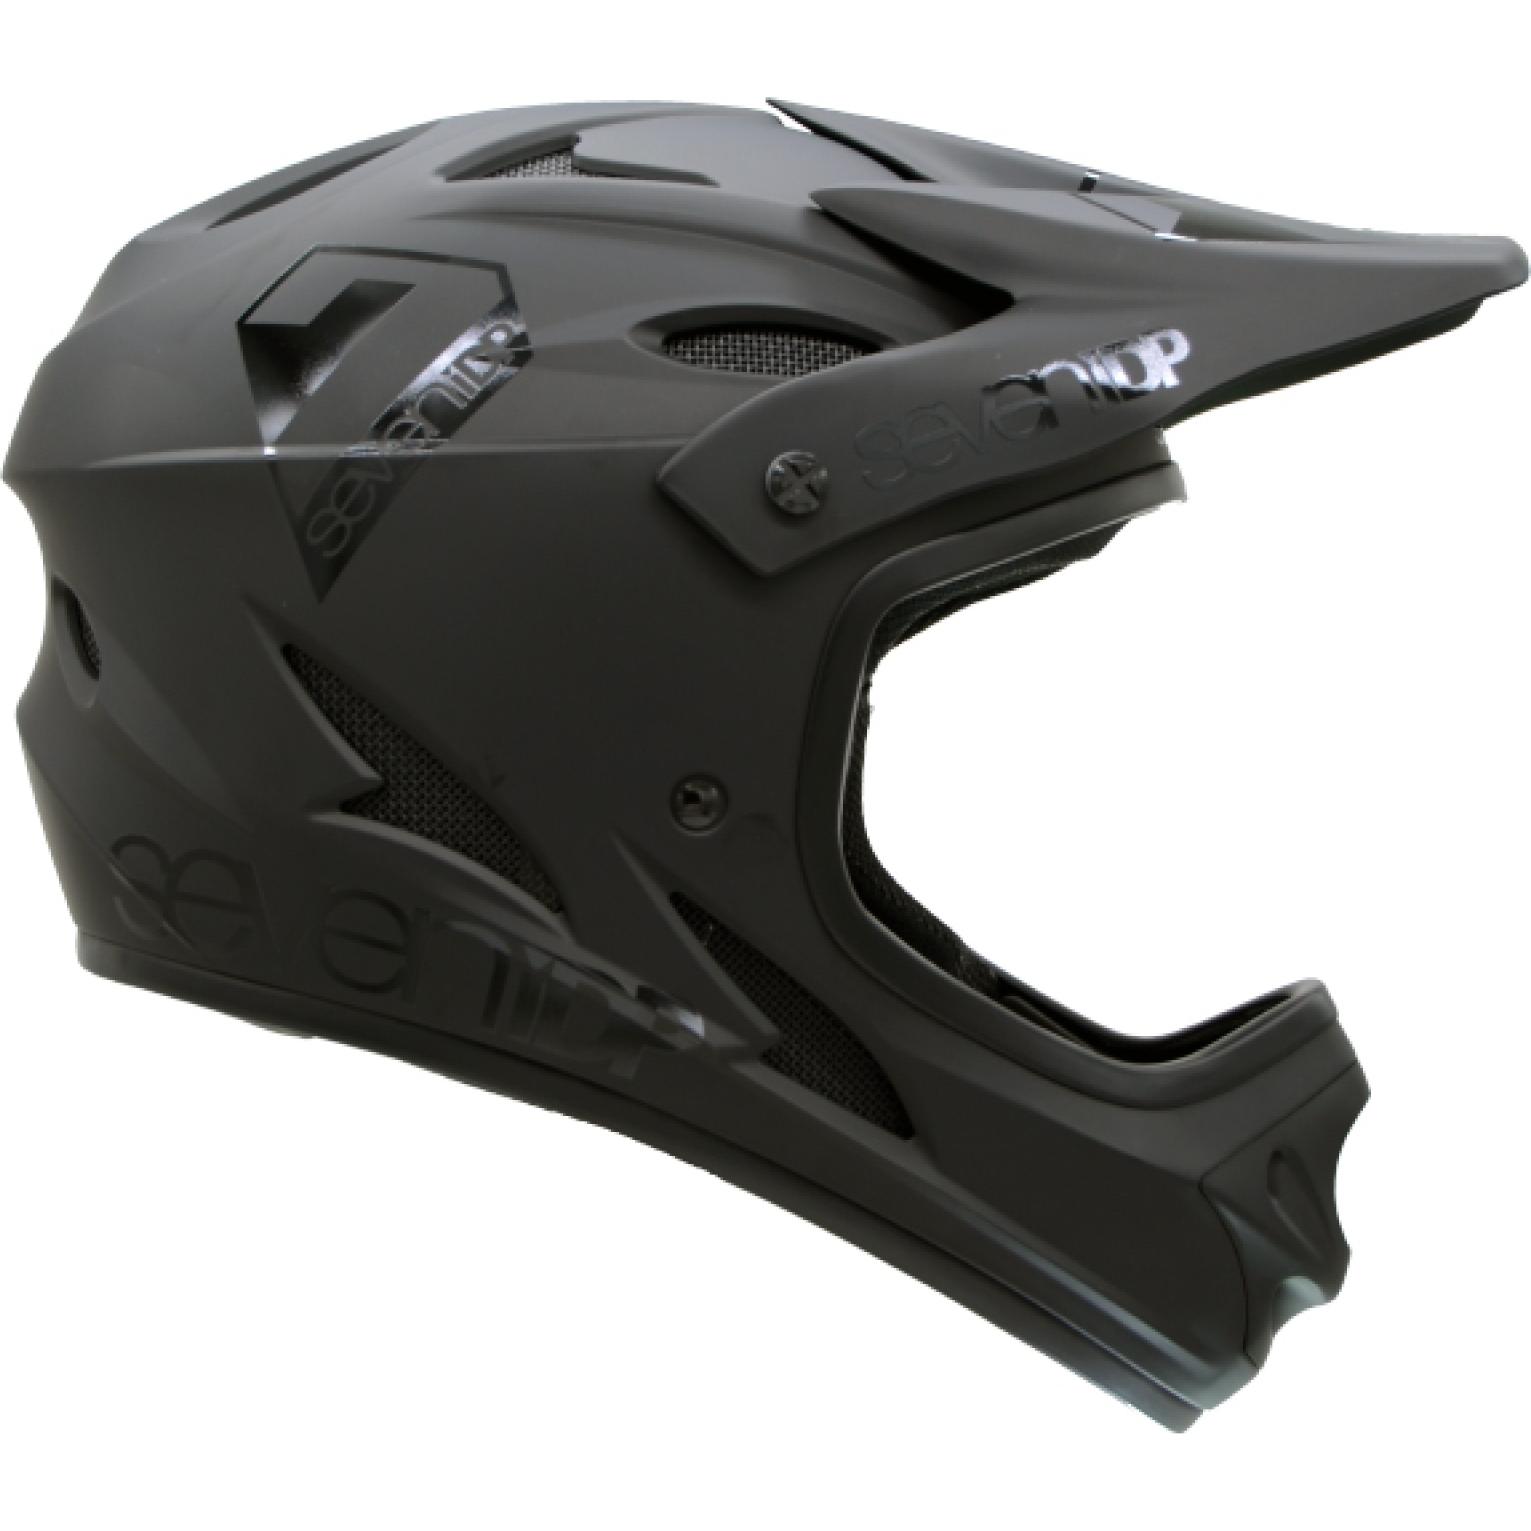 Imagen de 7 Protection 7iDP M1 Casco - black